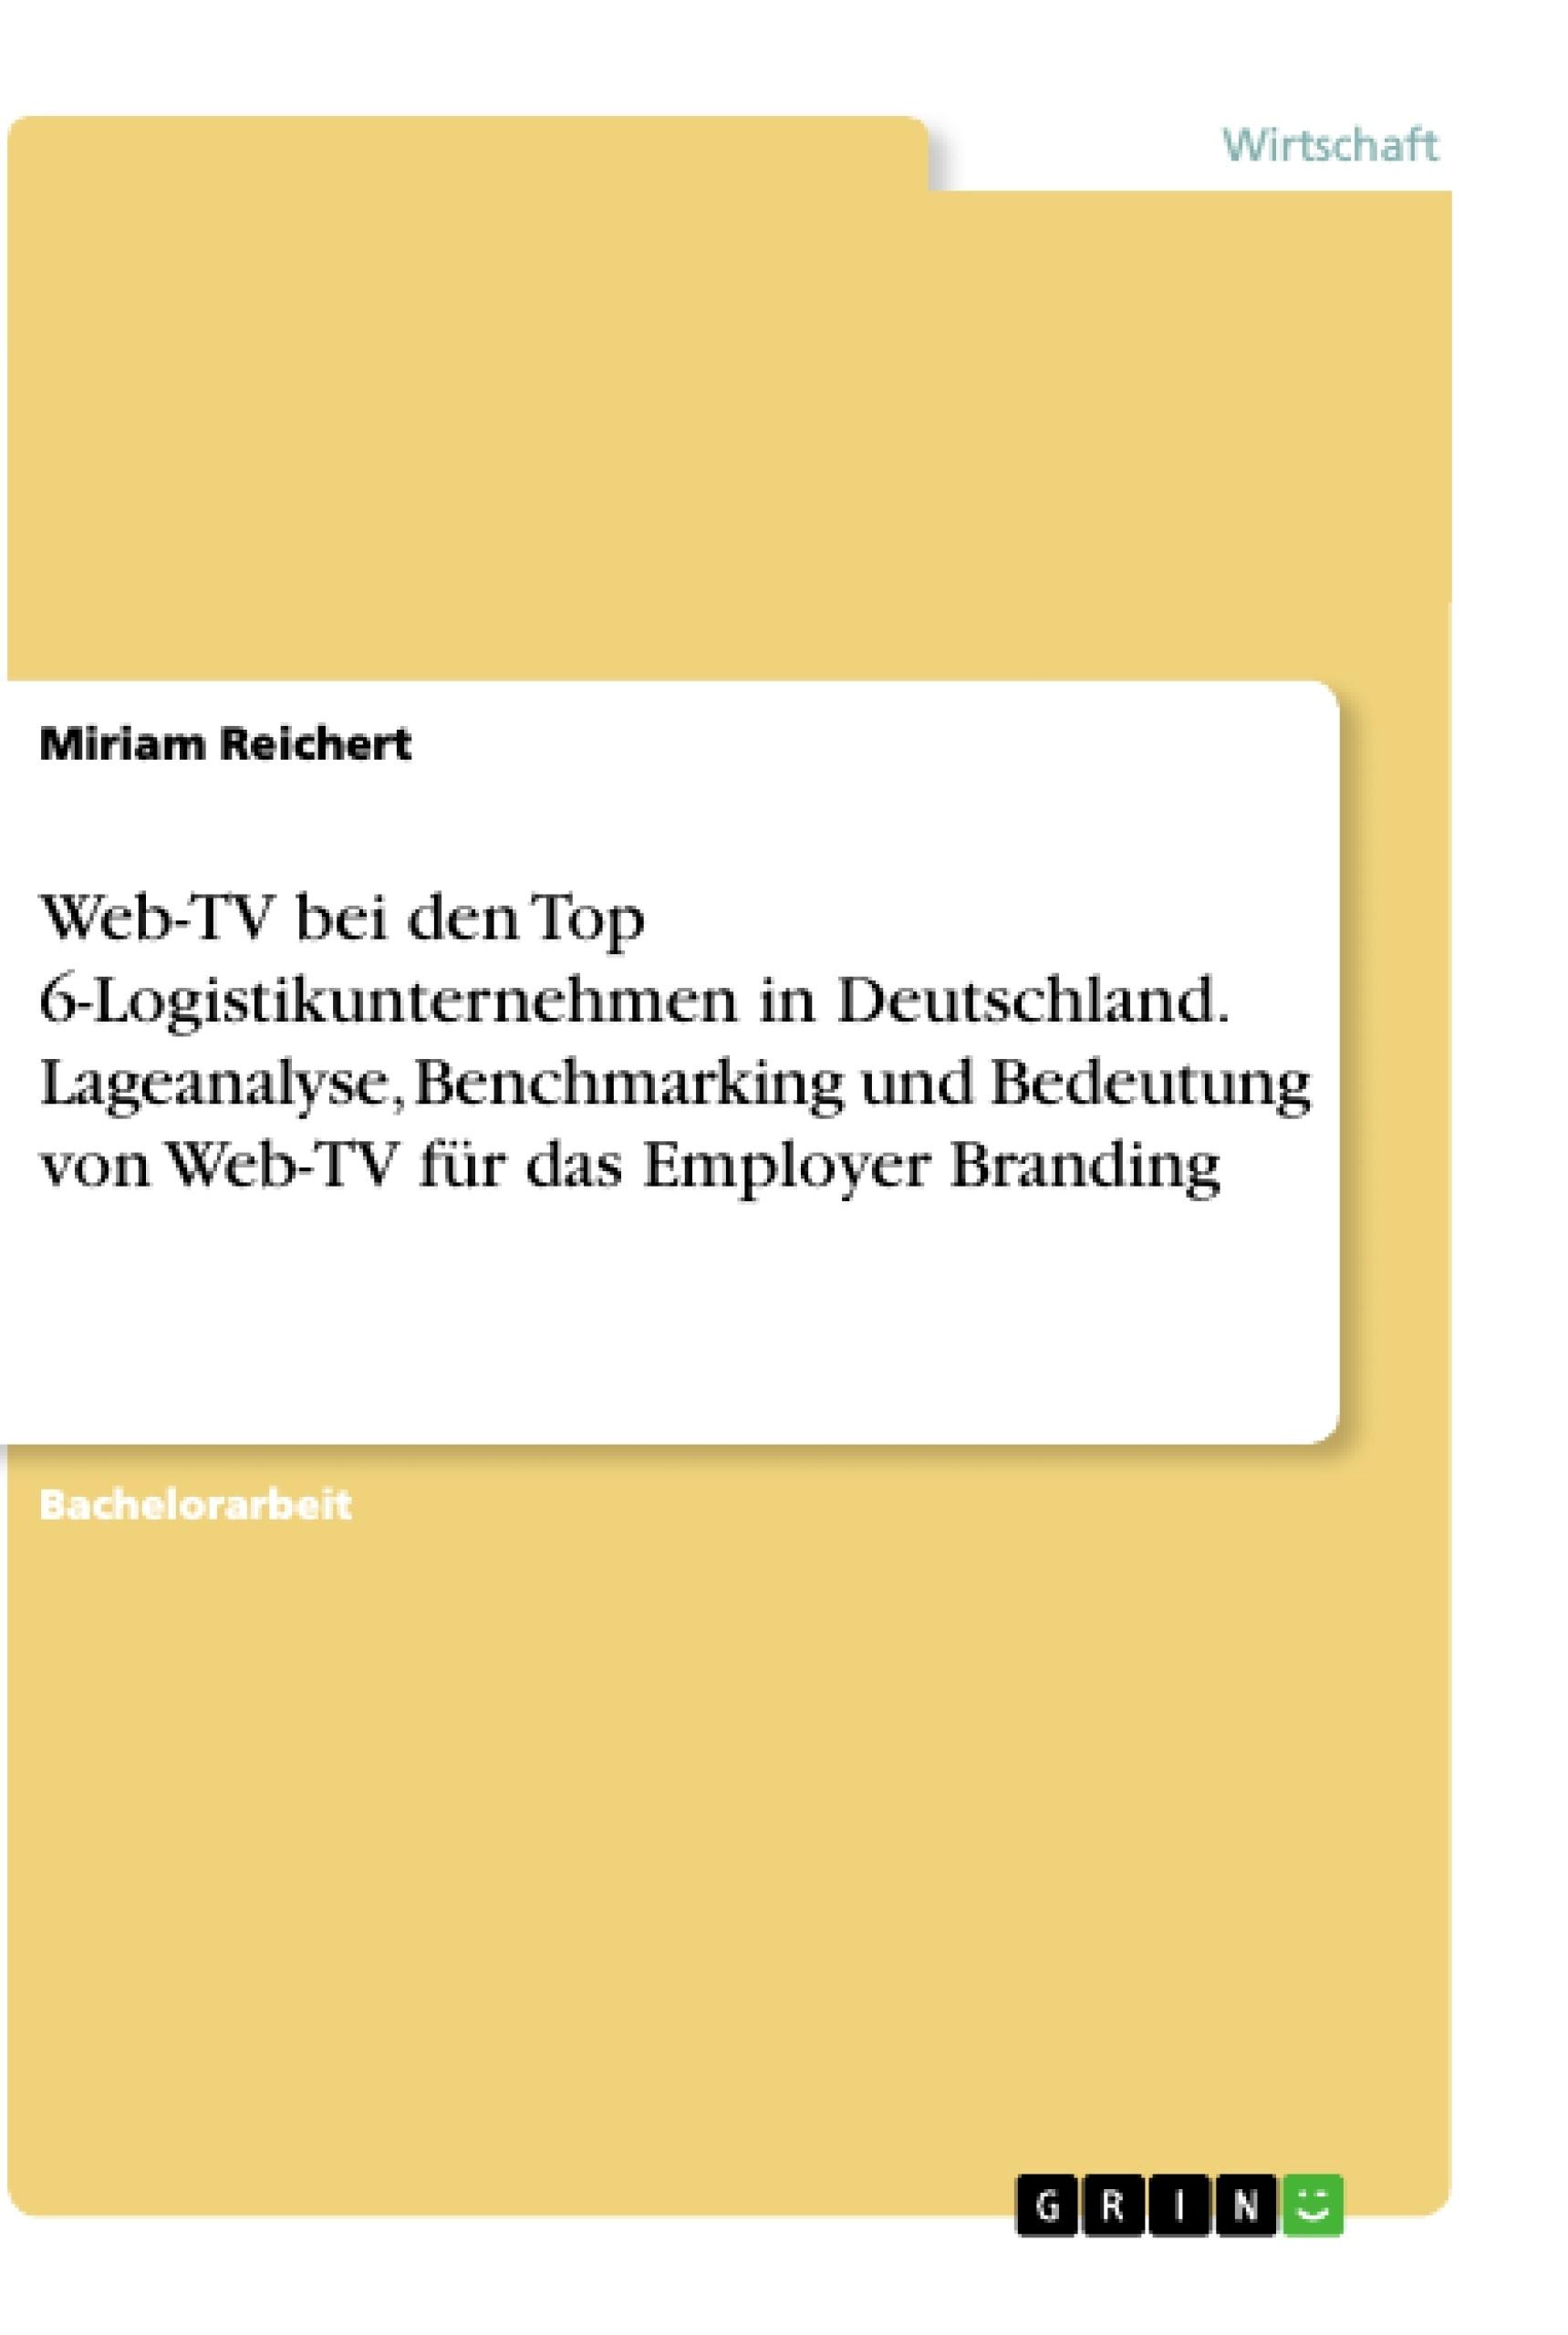 Titel: Web-TV bei den Top 6-Logistikunternehmen in Deutschland. Lageanalyse, Benchmarking und Bedeutung von Web-TV für das Employer Branding